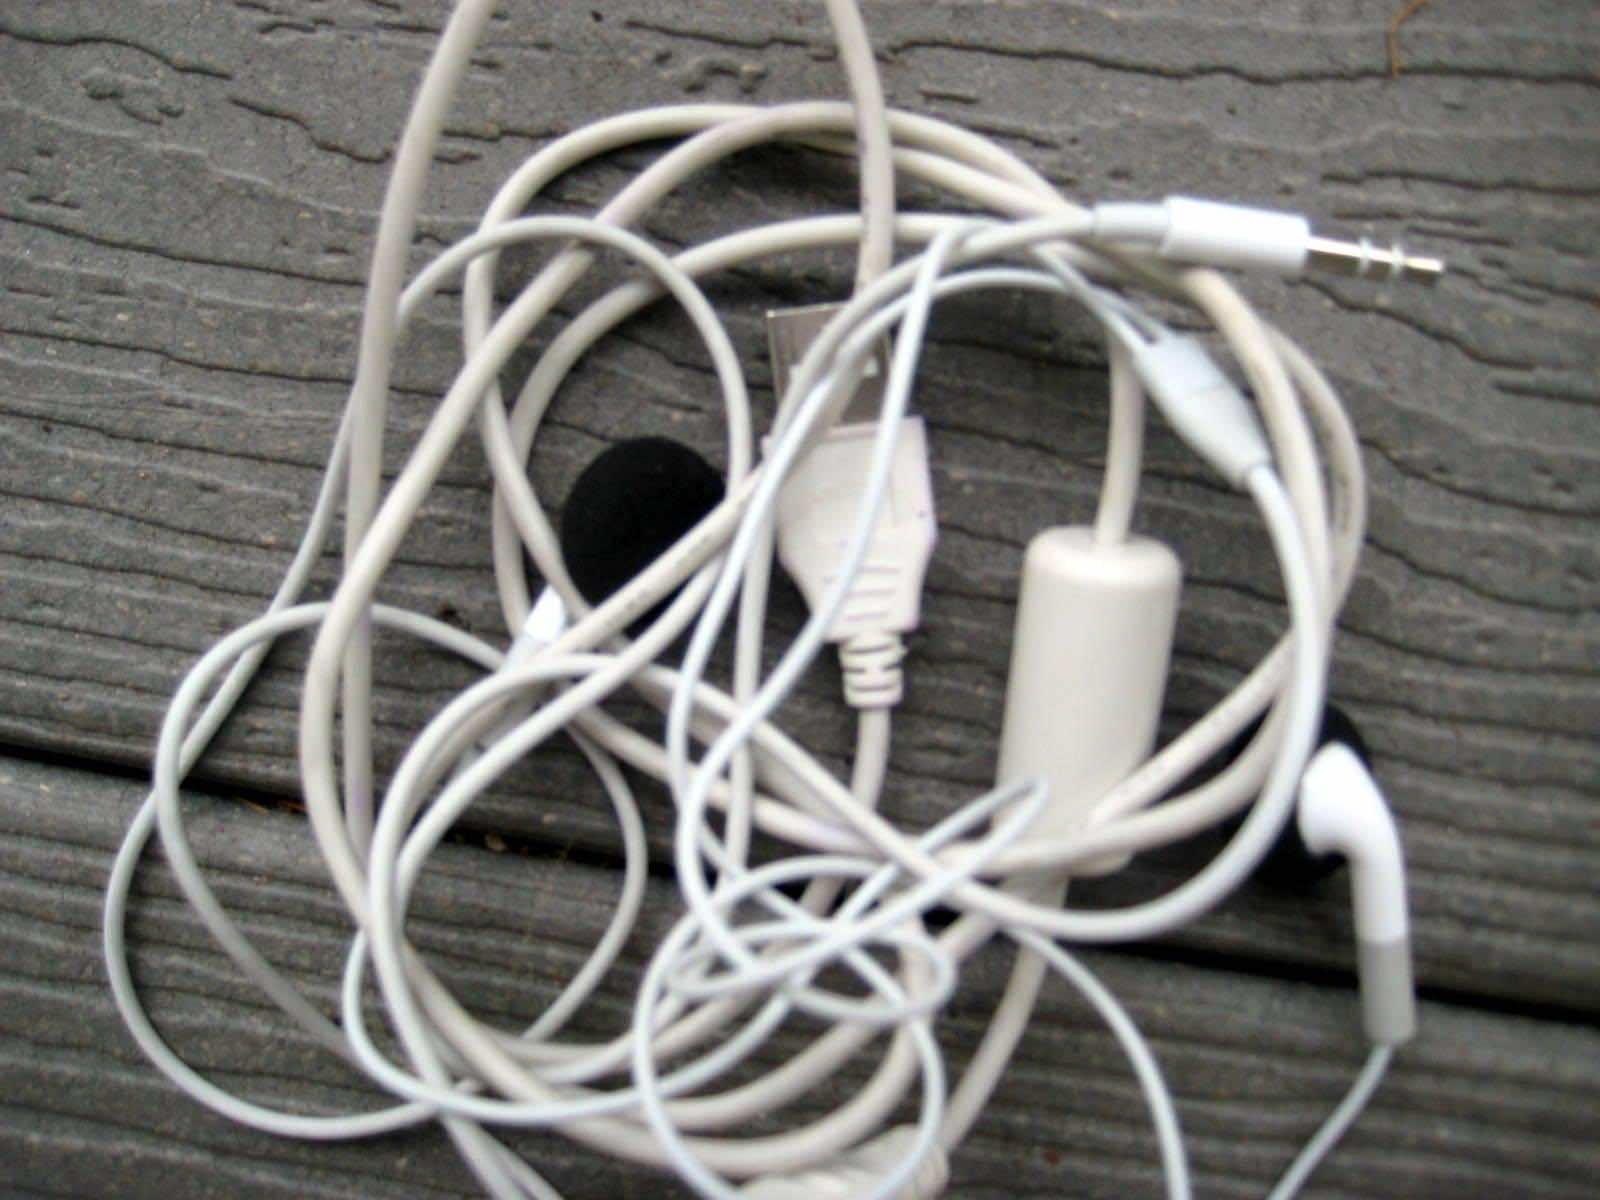 Earphones tangling 4